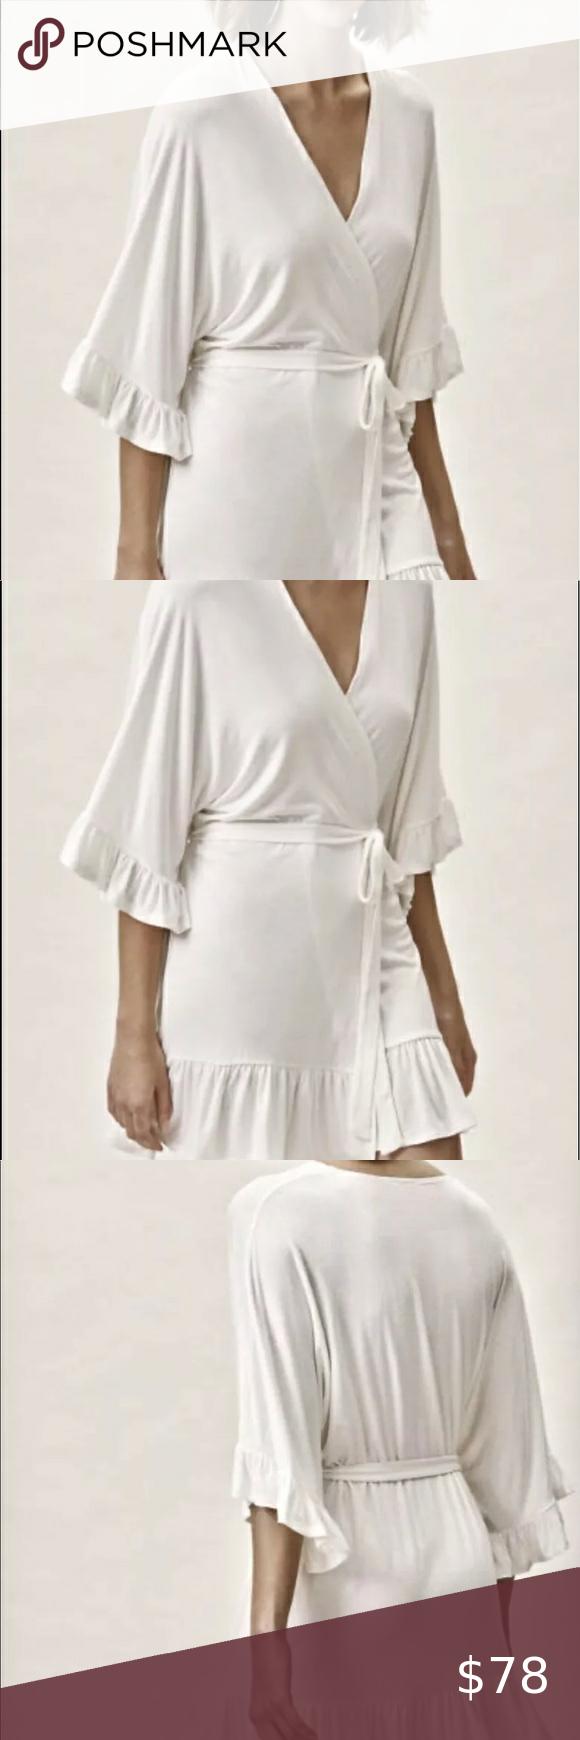 BHLDN Plum Pretty Sugar Robe Kimono Ivory Stretchy Ruffle Hem Belt XS S NEW